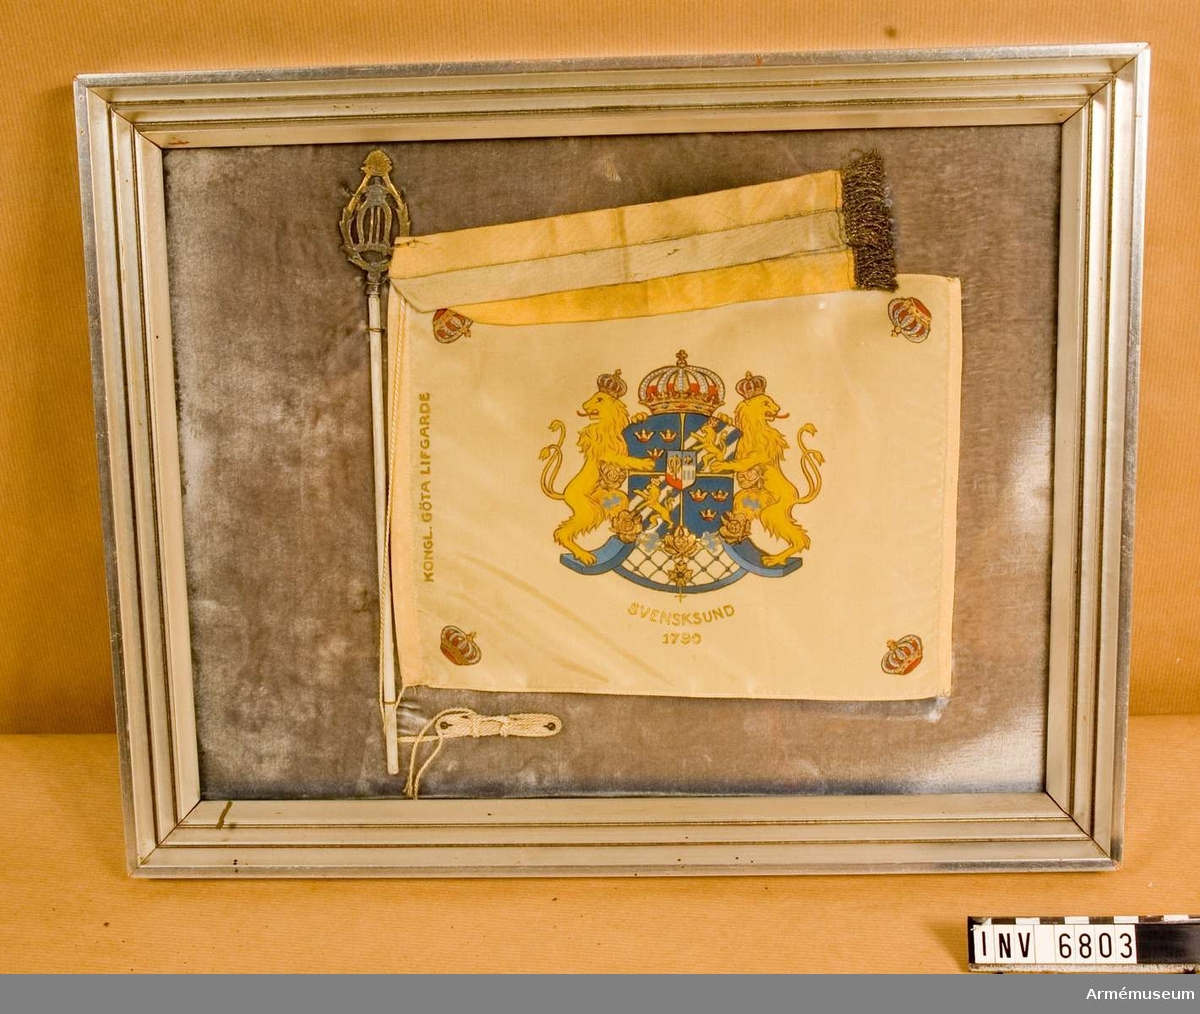 """Format på tavlan: 440 x 355 mm, standar: 240 x 185 mm. Bordsstandar av gulvitt ripssiden med riksvapnet kronorna och segernamnen målade i färg och guld och silver. Kopierad efter Göta livgardes fana m/1894. Fäst mot vitmålad metallstång och med förgylld spets med Oscar II:s monogram. Tavlan har silvermålad träram och under glaset ligger standaret på en botten klädd med grå sammet. Med ligger också en blå och gul kravatt med guldfrans. Kravatten är mycket blekt.   På tavlans  baksida står det skrivet: """"Gåva från Major Frans Albert Schartaus sterbhus till undertecknad 1943. Skall efter min död  Överlämnas till Kungl. Göta Livgardes minnesmuseum. Carl Hugo  Broms""""."""